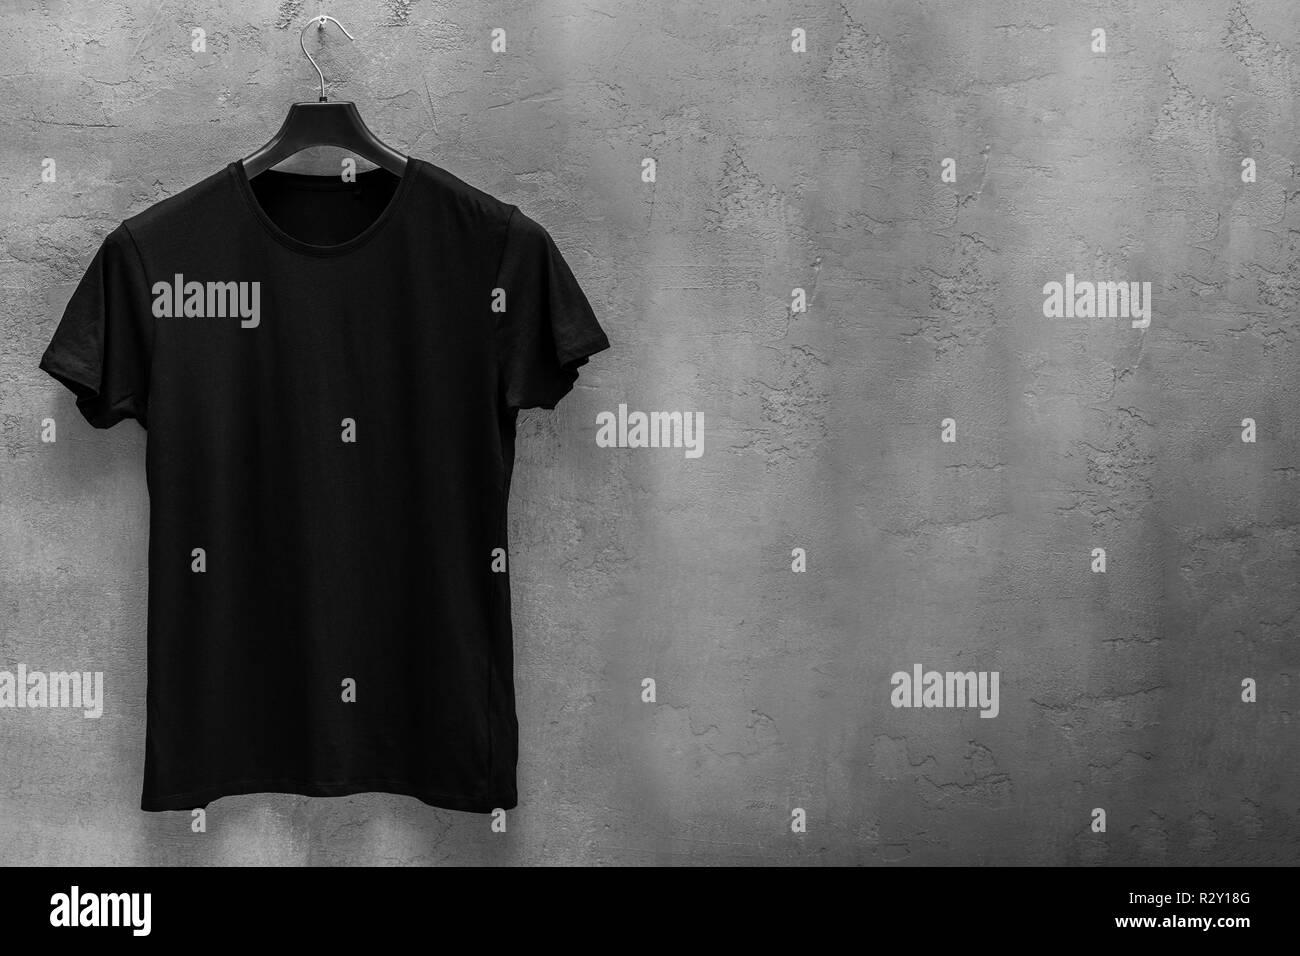 online store 7fd89 9ff61 Vorderseite der männlichen schwarzen Baumwoll-T-Shirt auf ...